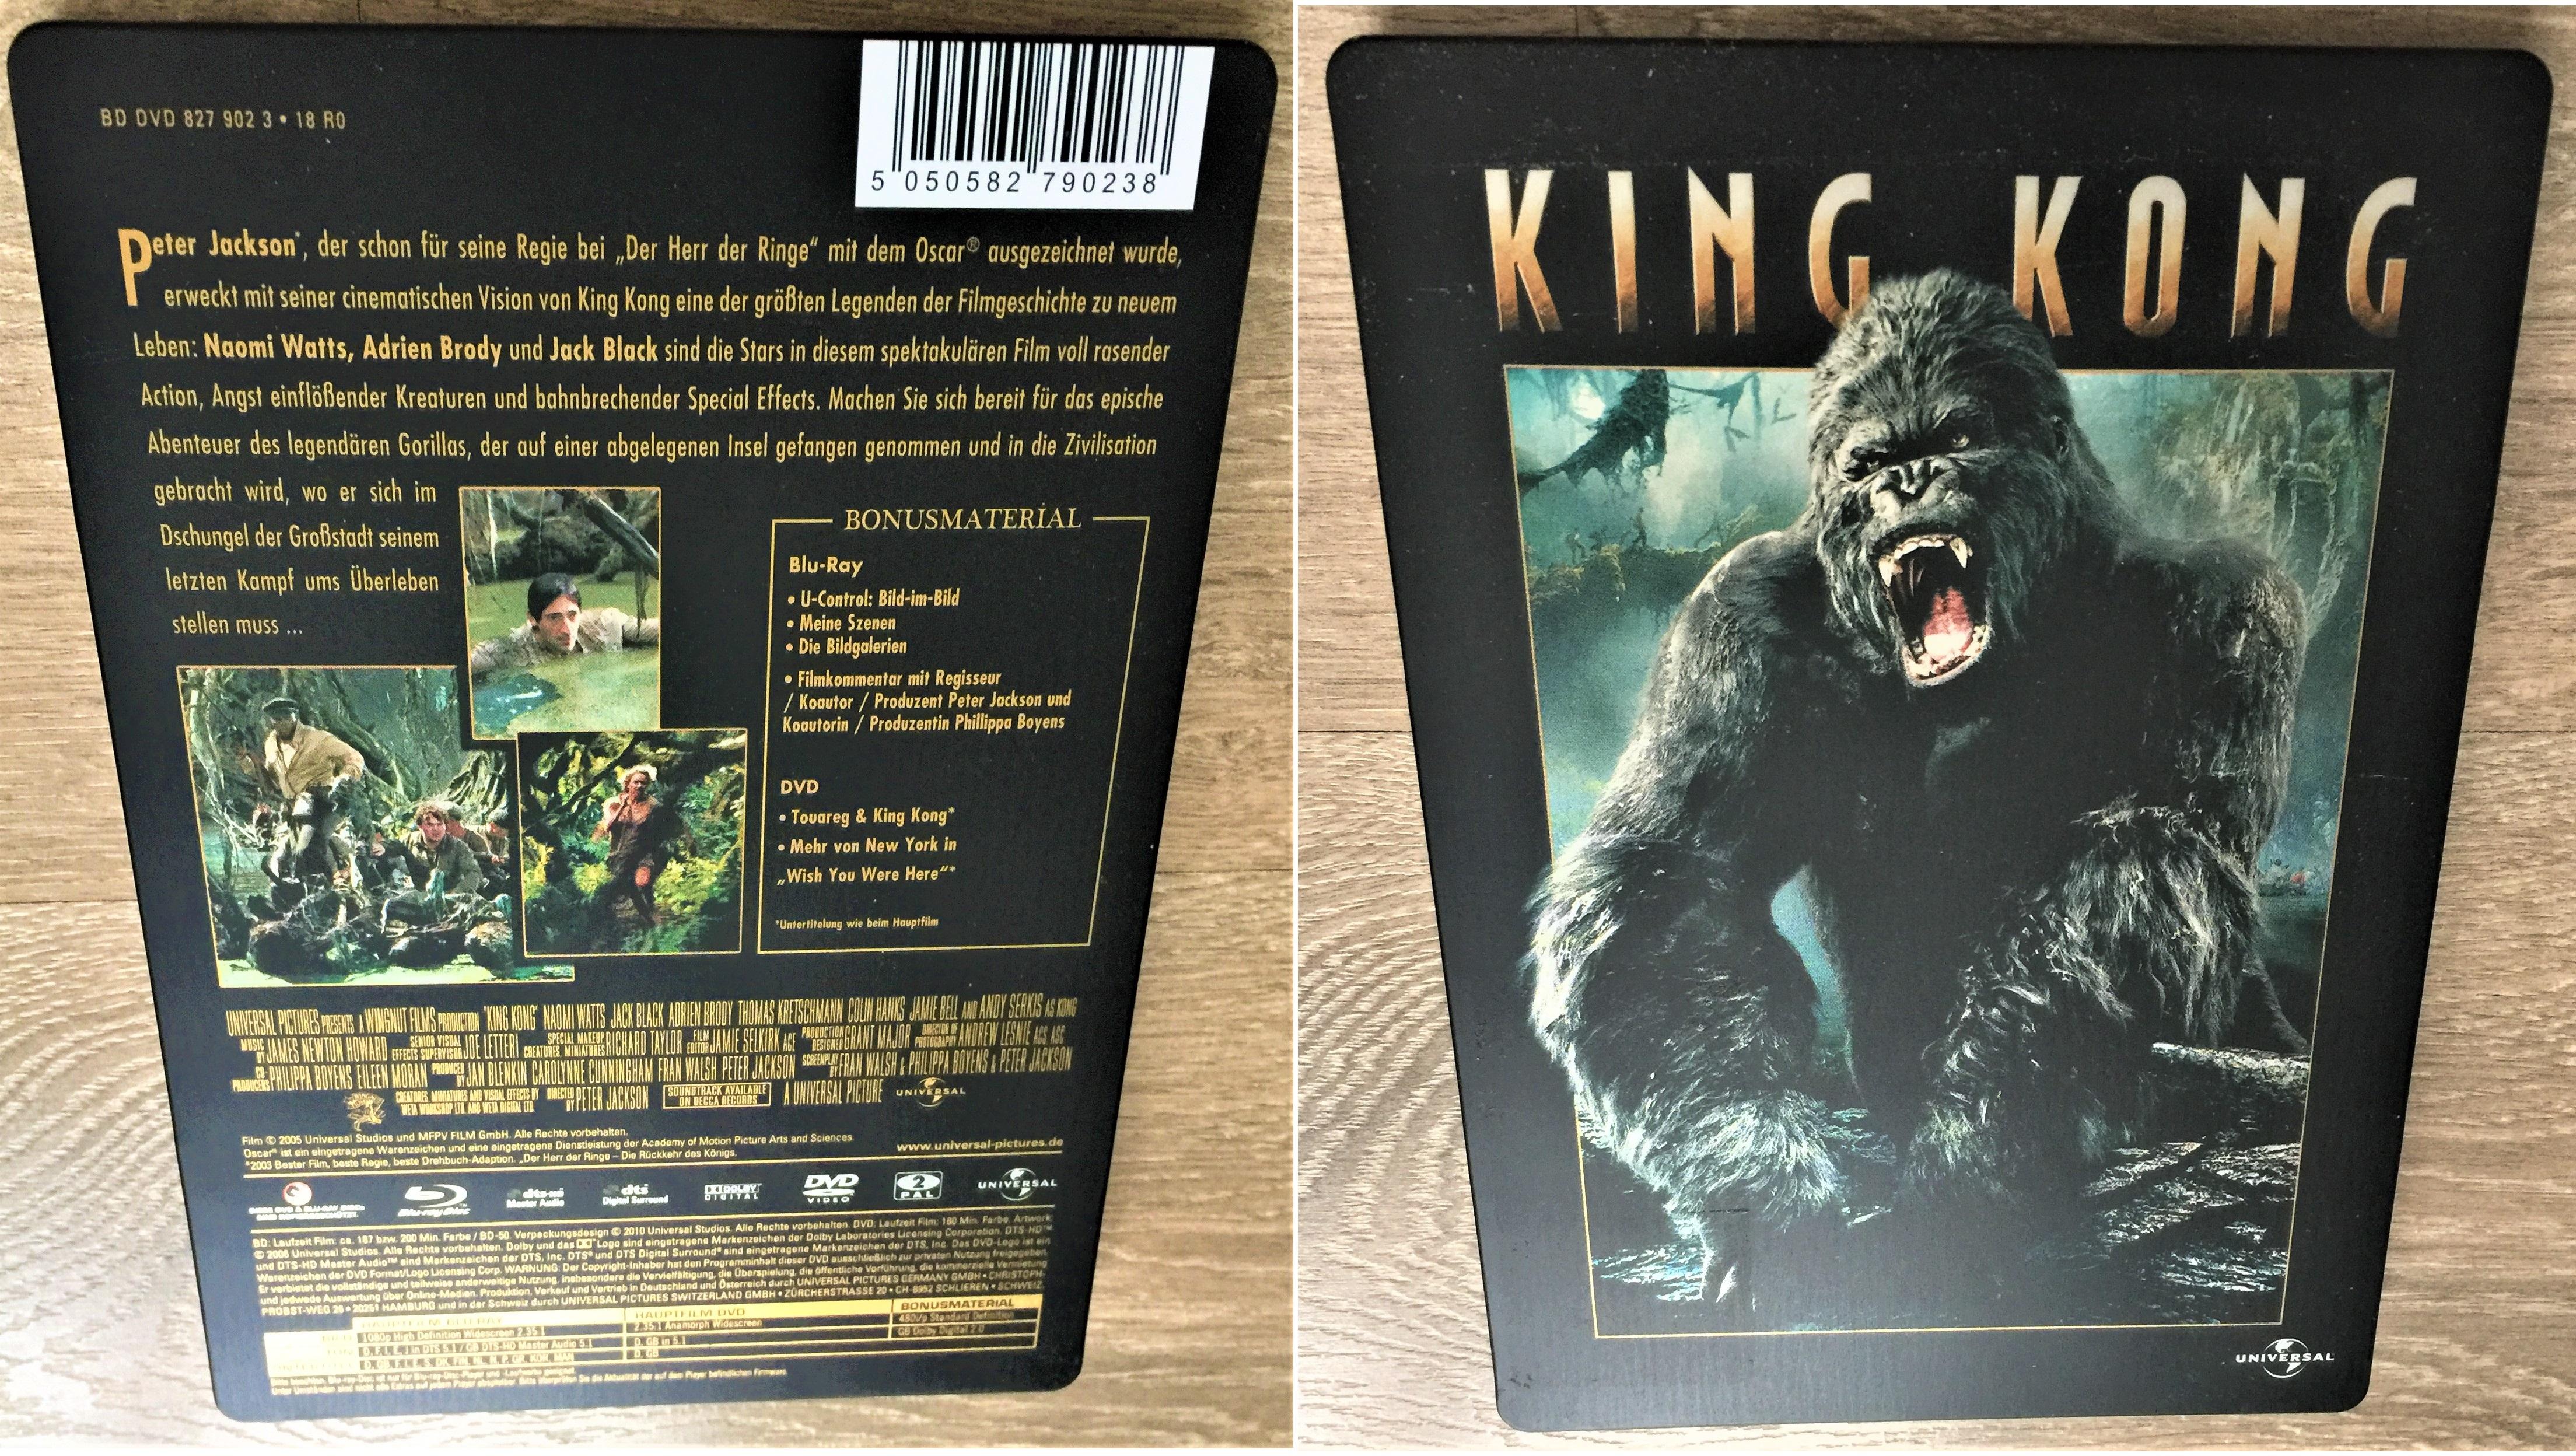 King Kong 200 Min. großes EXTENDED STEELBOOK Blu Ray und DVD wie NEU !!!